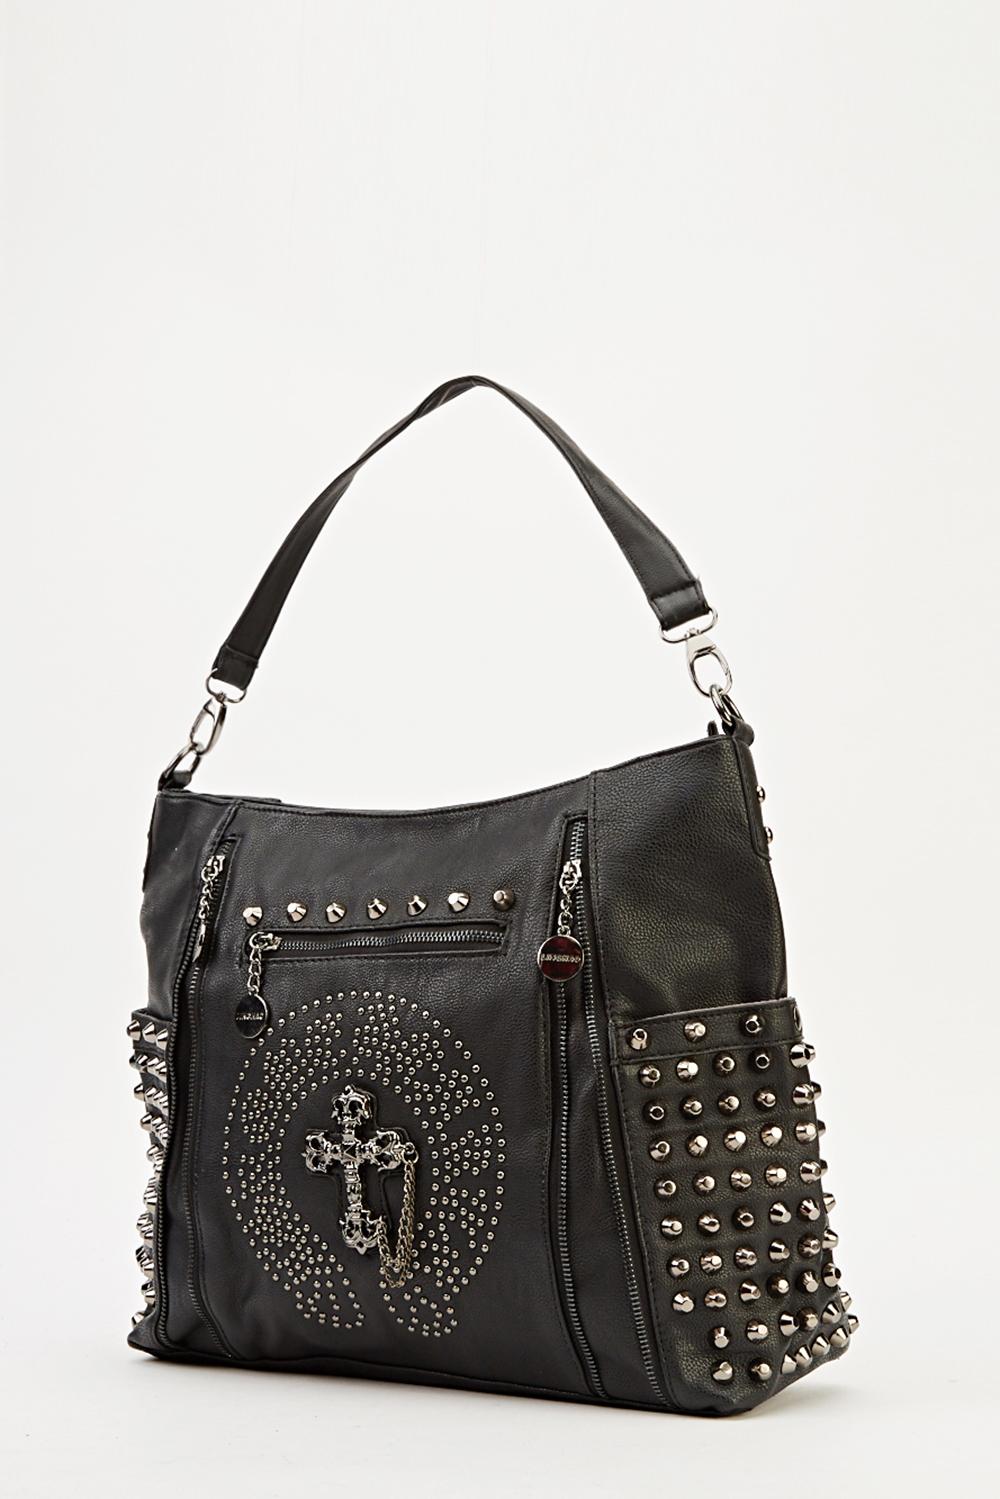 studded spike embellished bag just 163 5